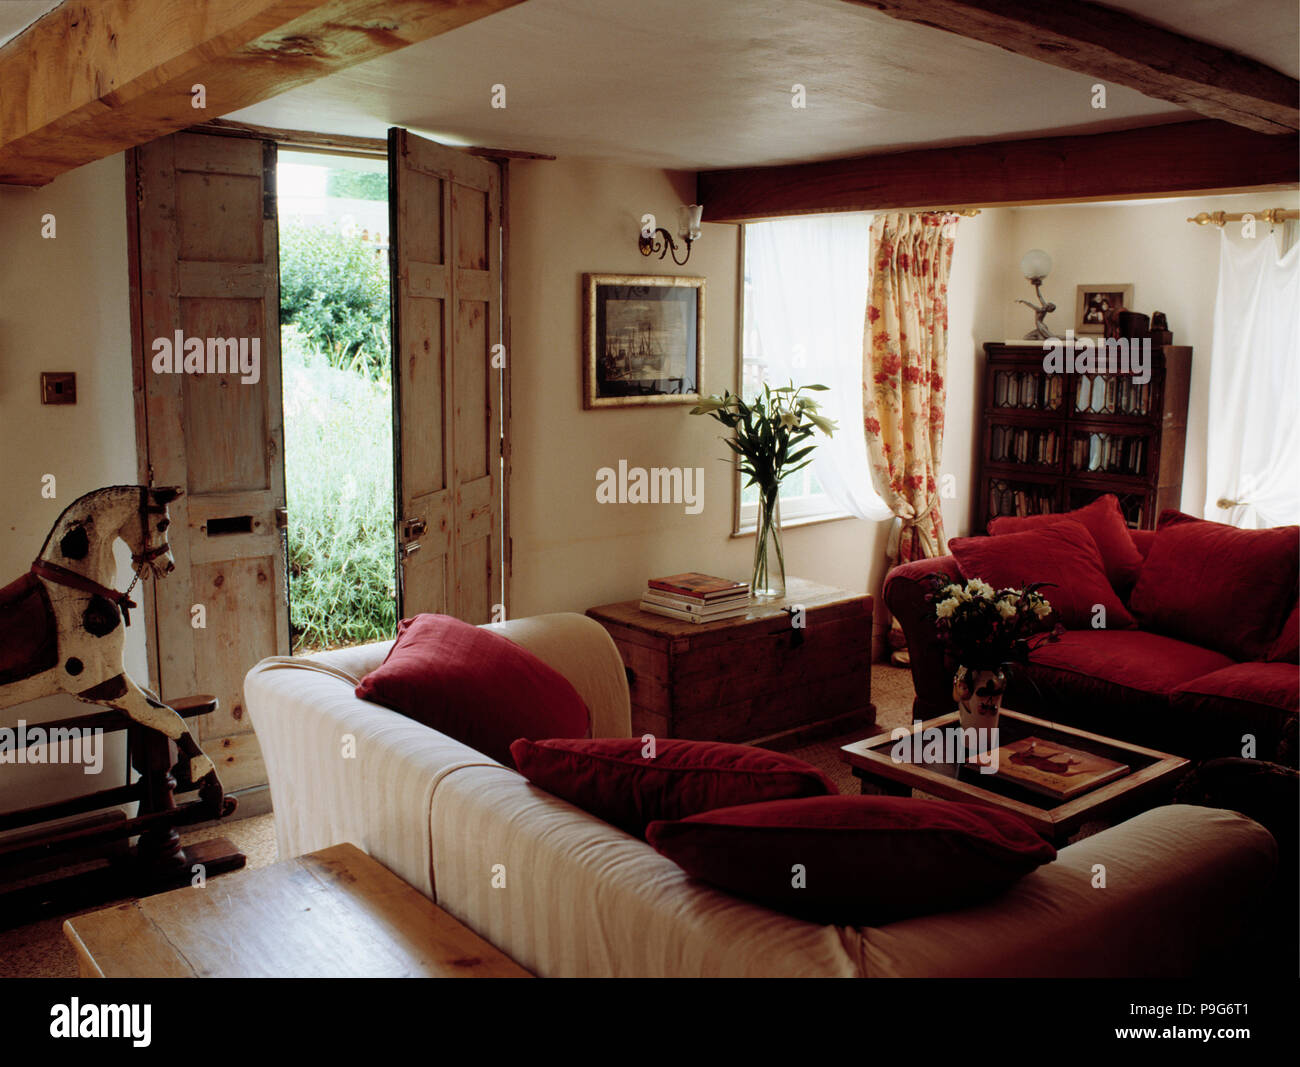 Divano Rosso Cuscini : Divano rosso in cottage soggiorno con cuscini rossi sul divano